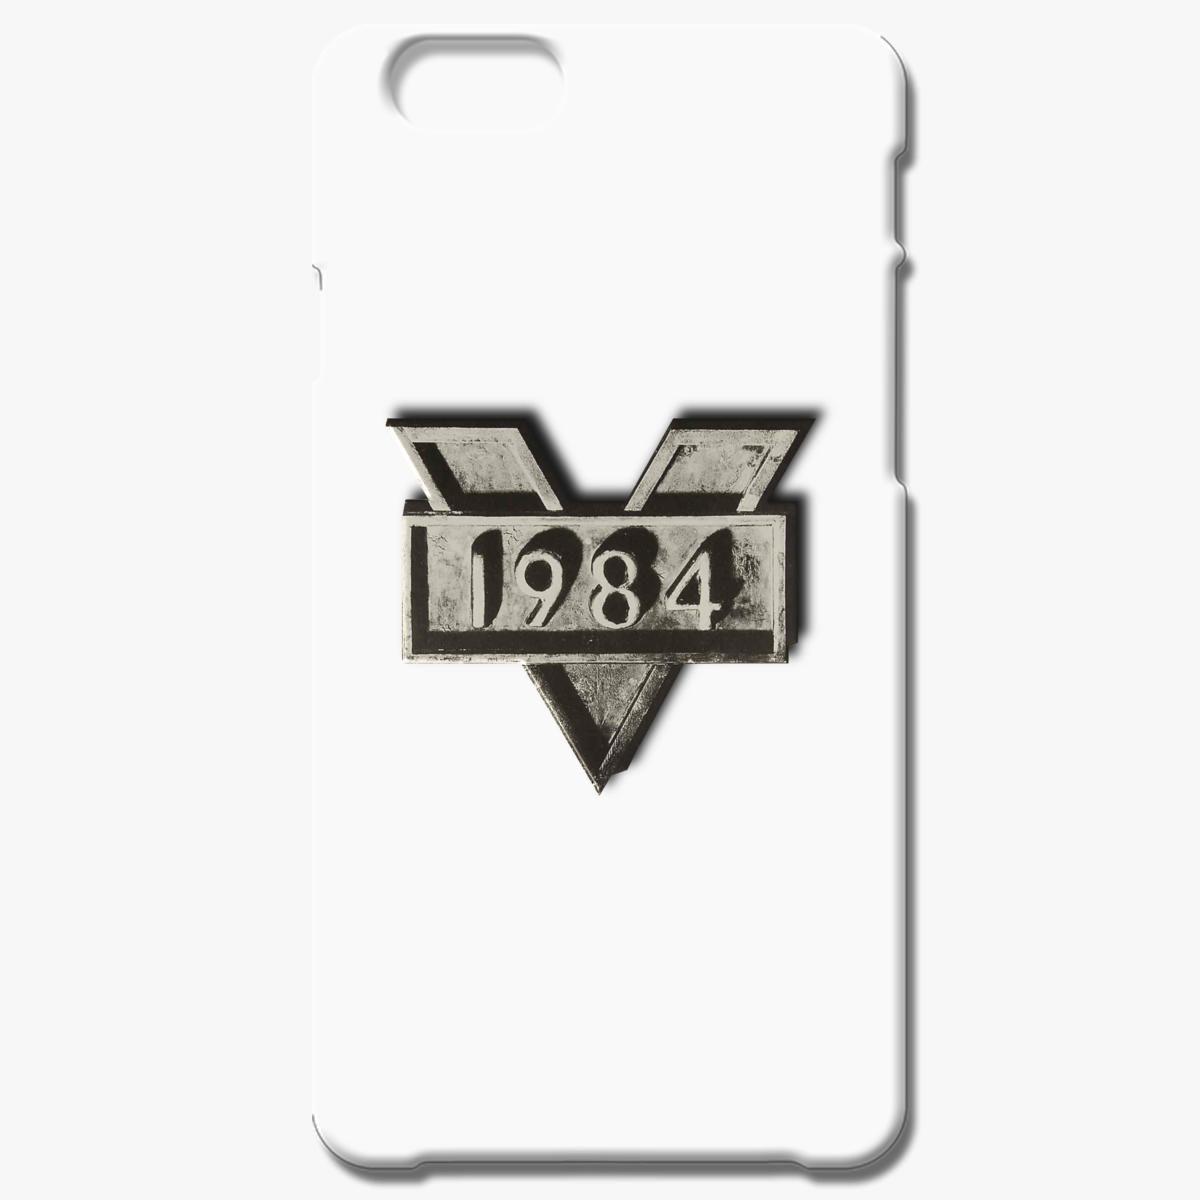 Ingsoc Iphone 6 6s Plus Case